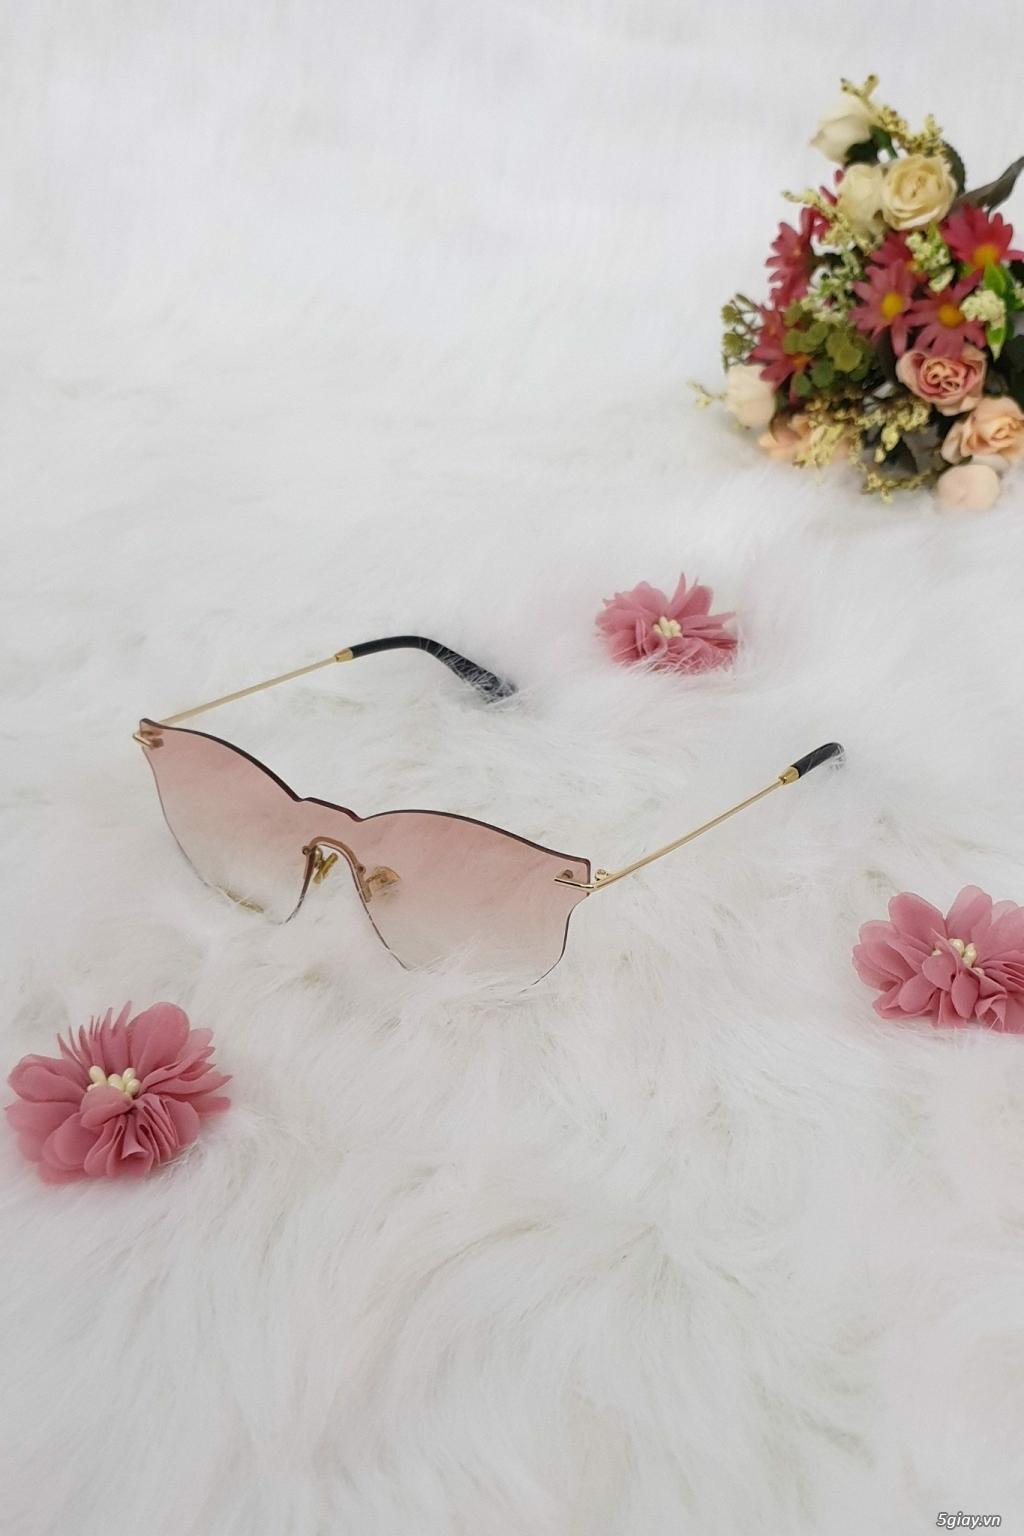 Wal House Fashion - Dây nịt, cài áo, vòng tay, mắt kiếng....... - 24